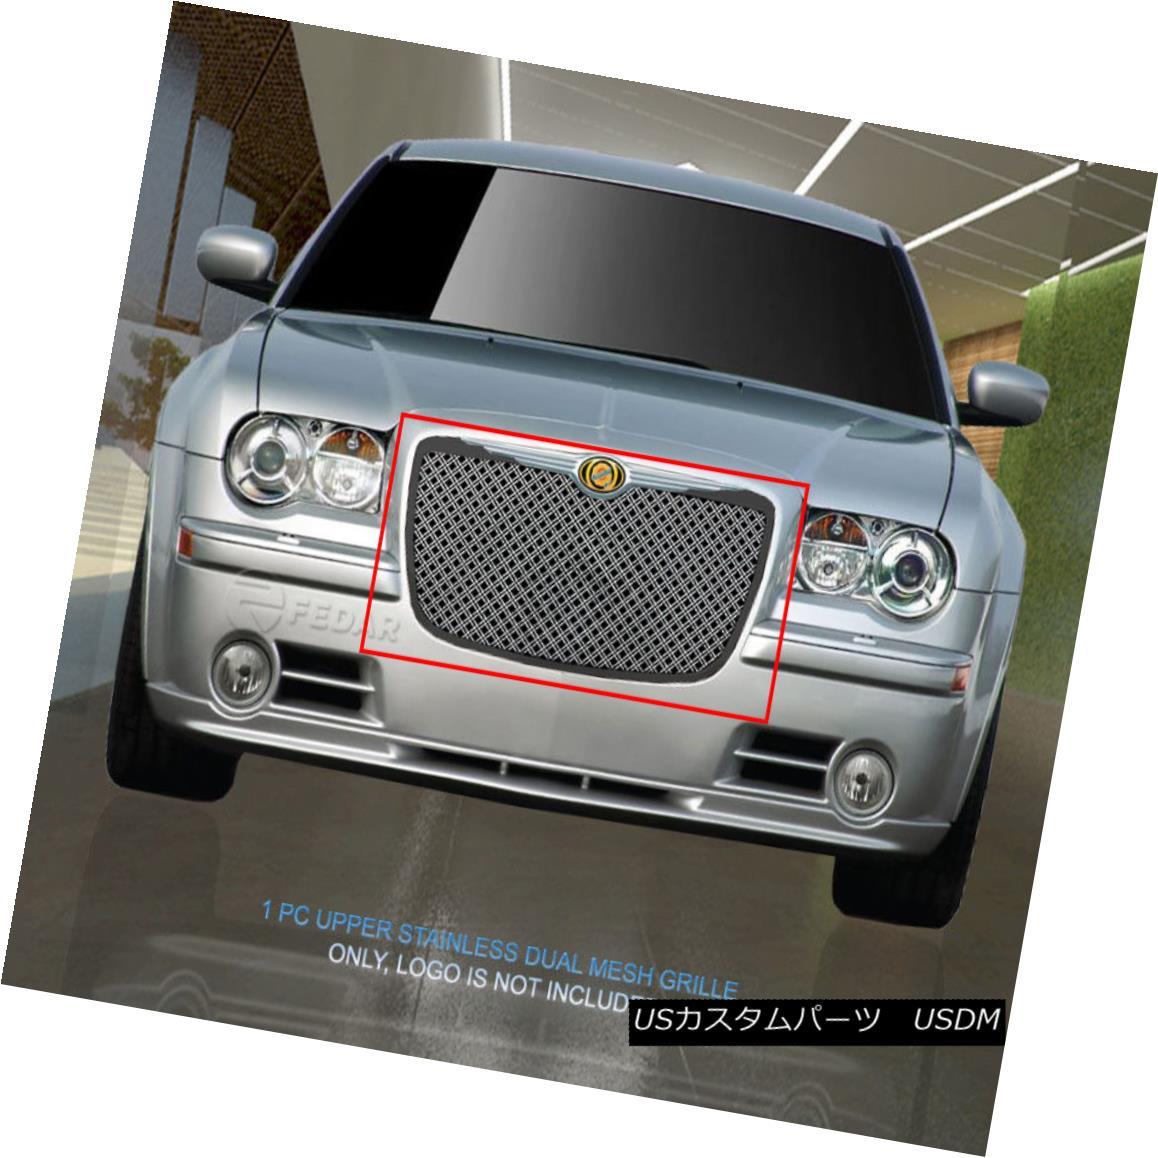 グリル 05-10 Chrysler 300/300C Stainless Steel Dual Wire Mesh Grille Upper Insert Fedar 05-10クライスラー300 / 300Cステンレススチールデュアルワイヤーメッシュグリルアッパーインサートフェルダー